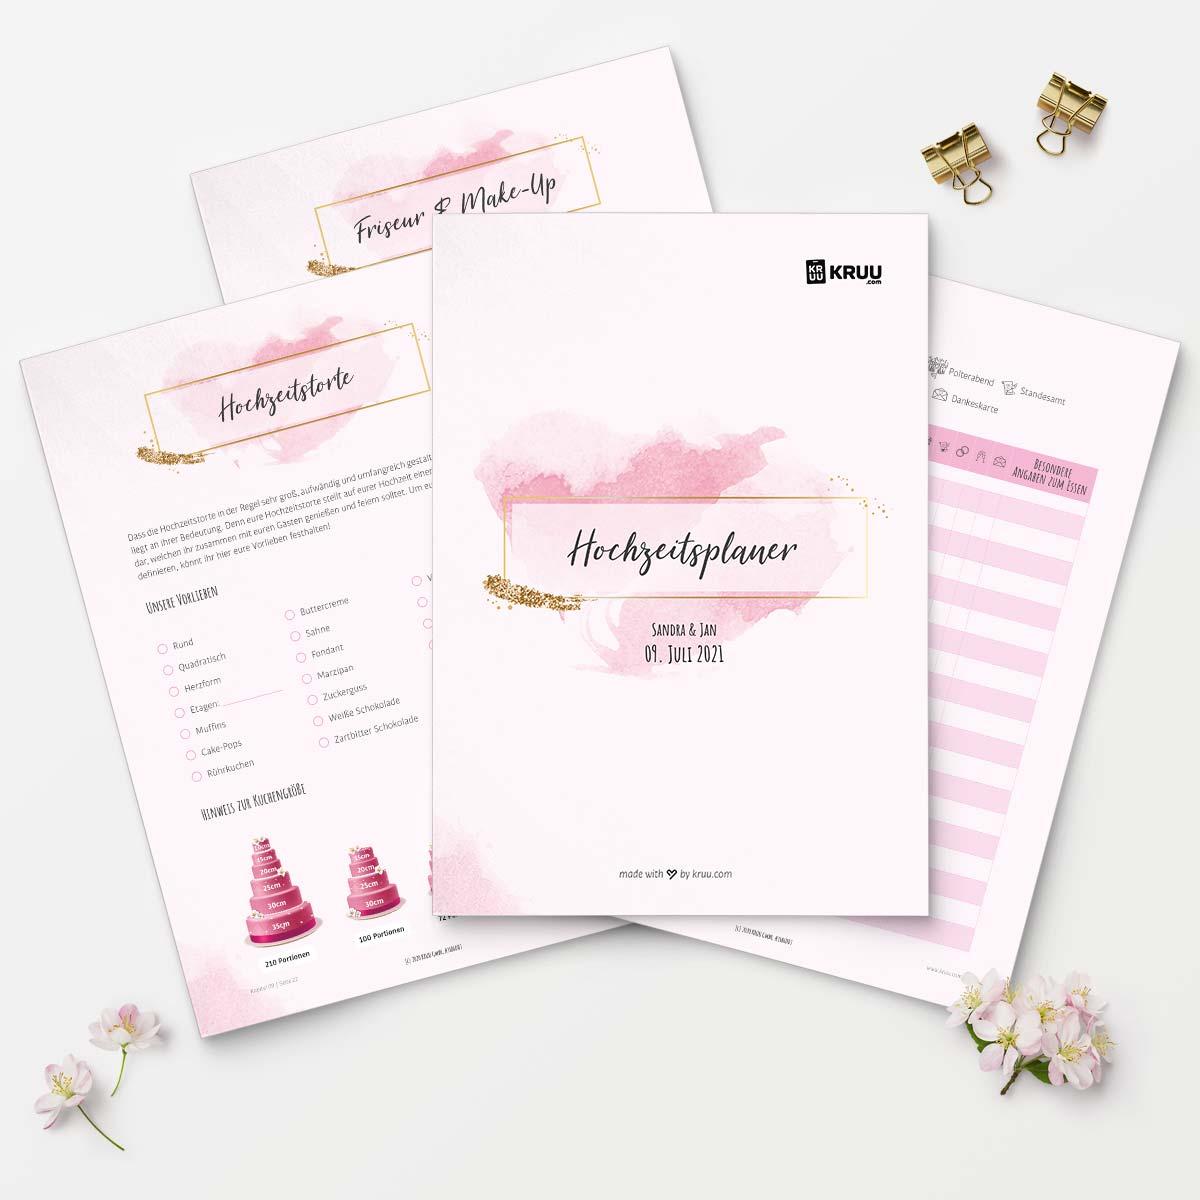 Gratis Hochzeitsplaner: Übersicht Seiten